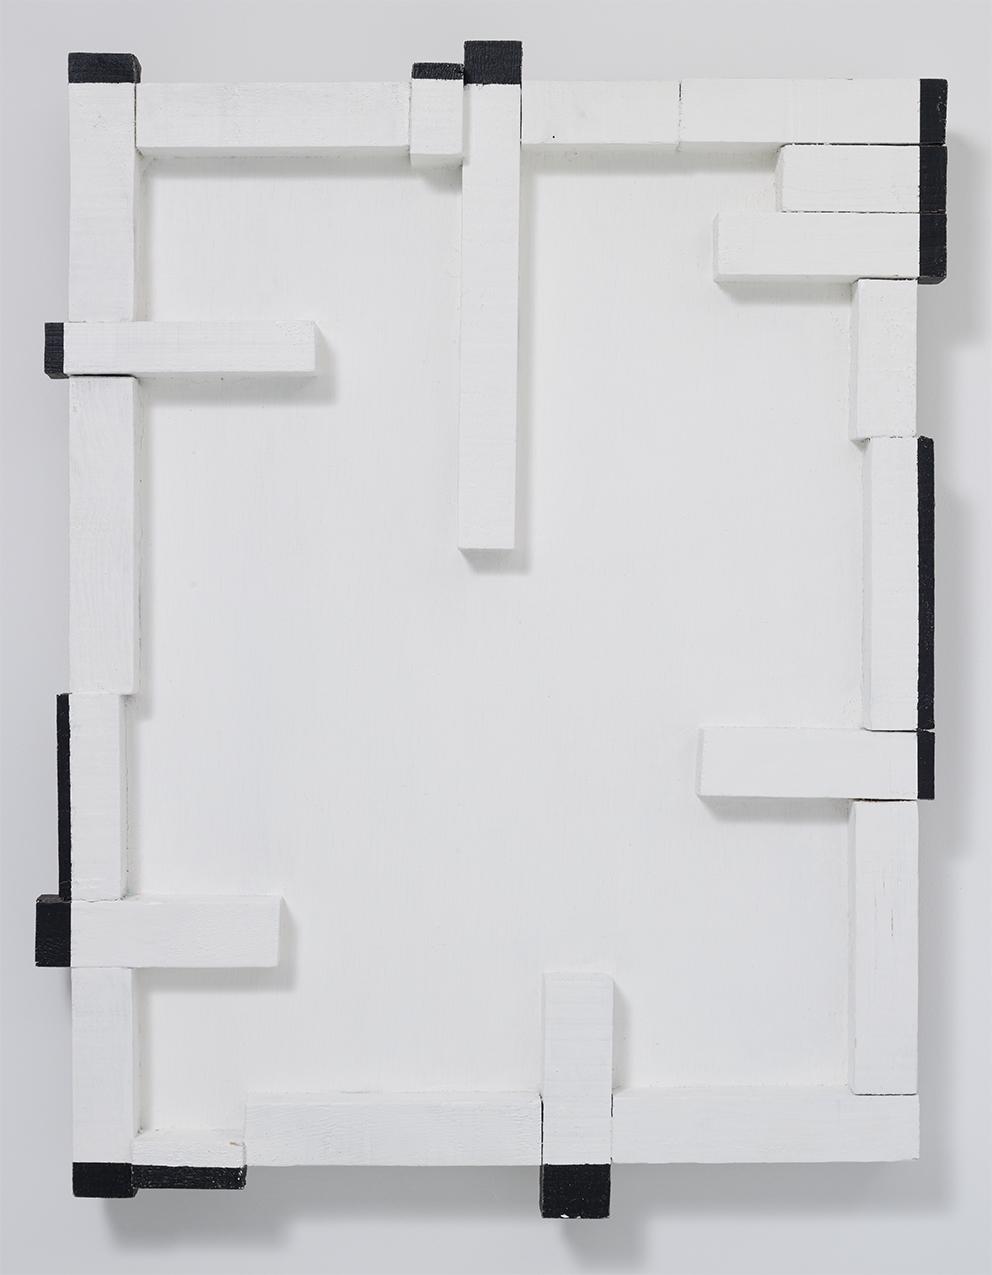 PROTRUSION 88D ,1988 Oil paint on wood 78 x 59.5 x 6.6 cm